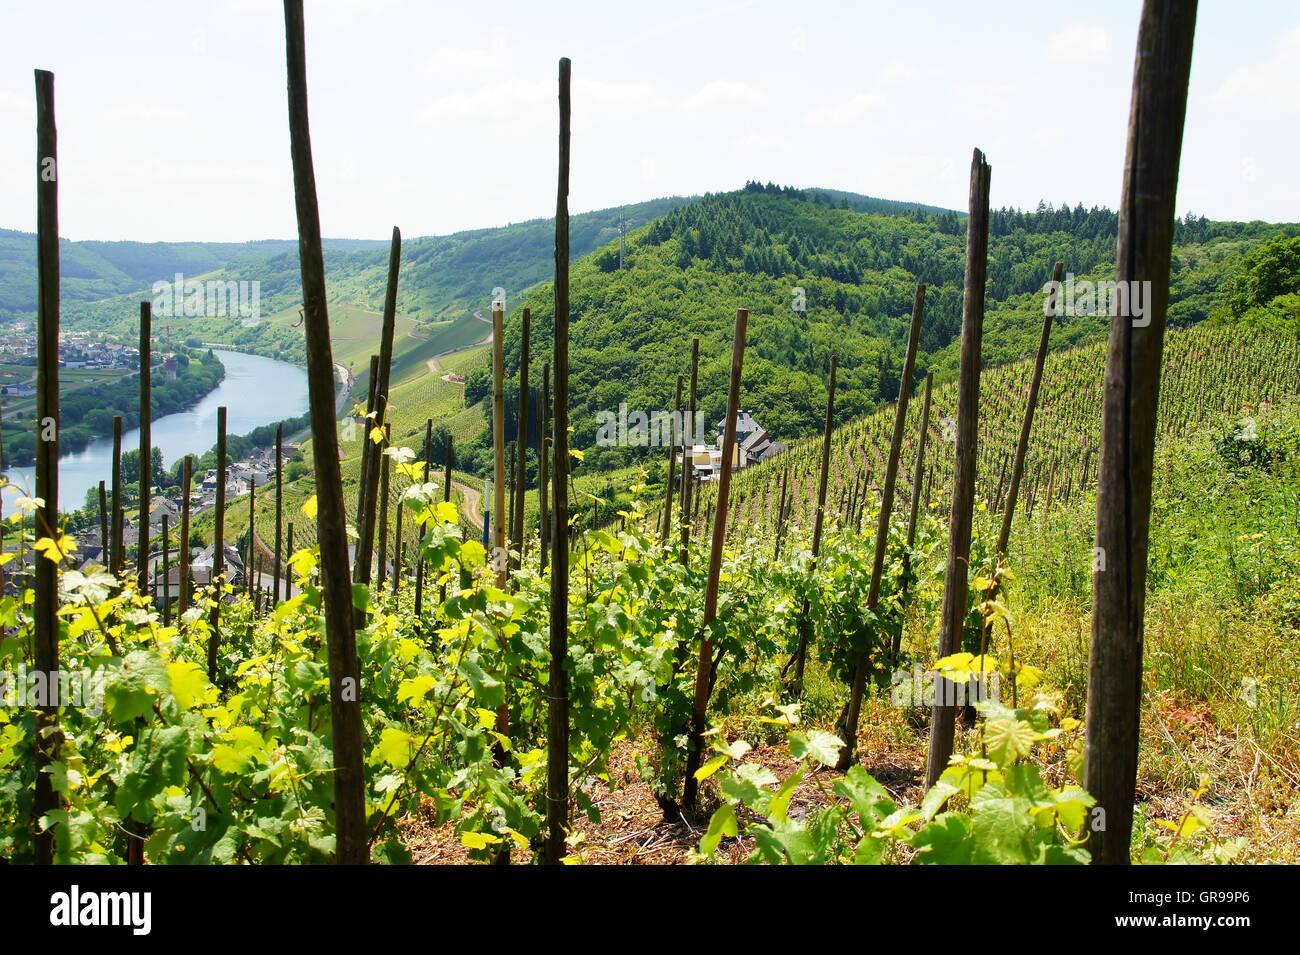 Vineyard Ürziger Würzgarten, The Left Margin Zeltingen - Stock Image